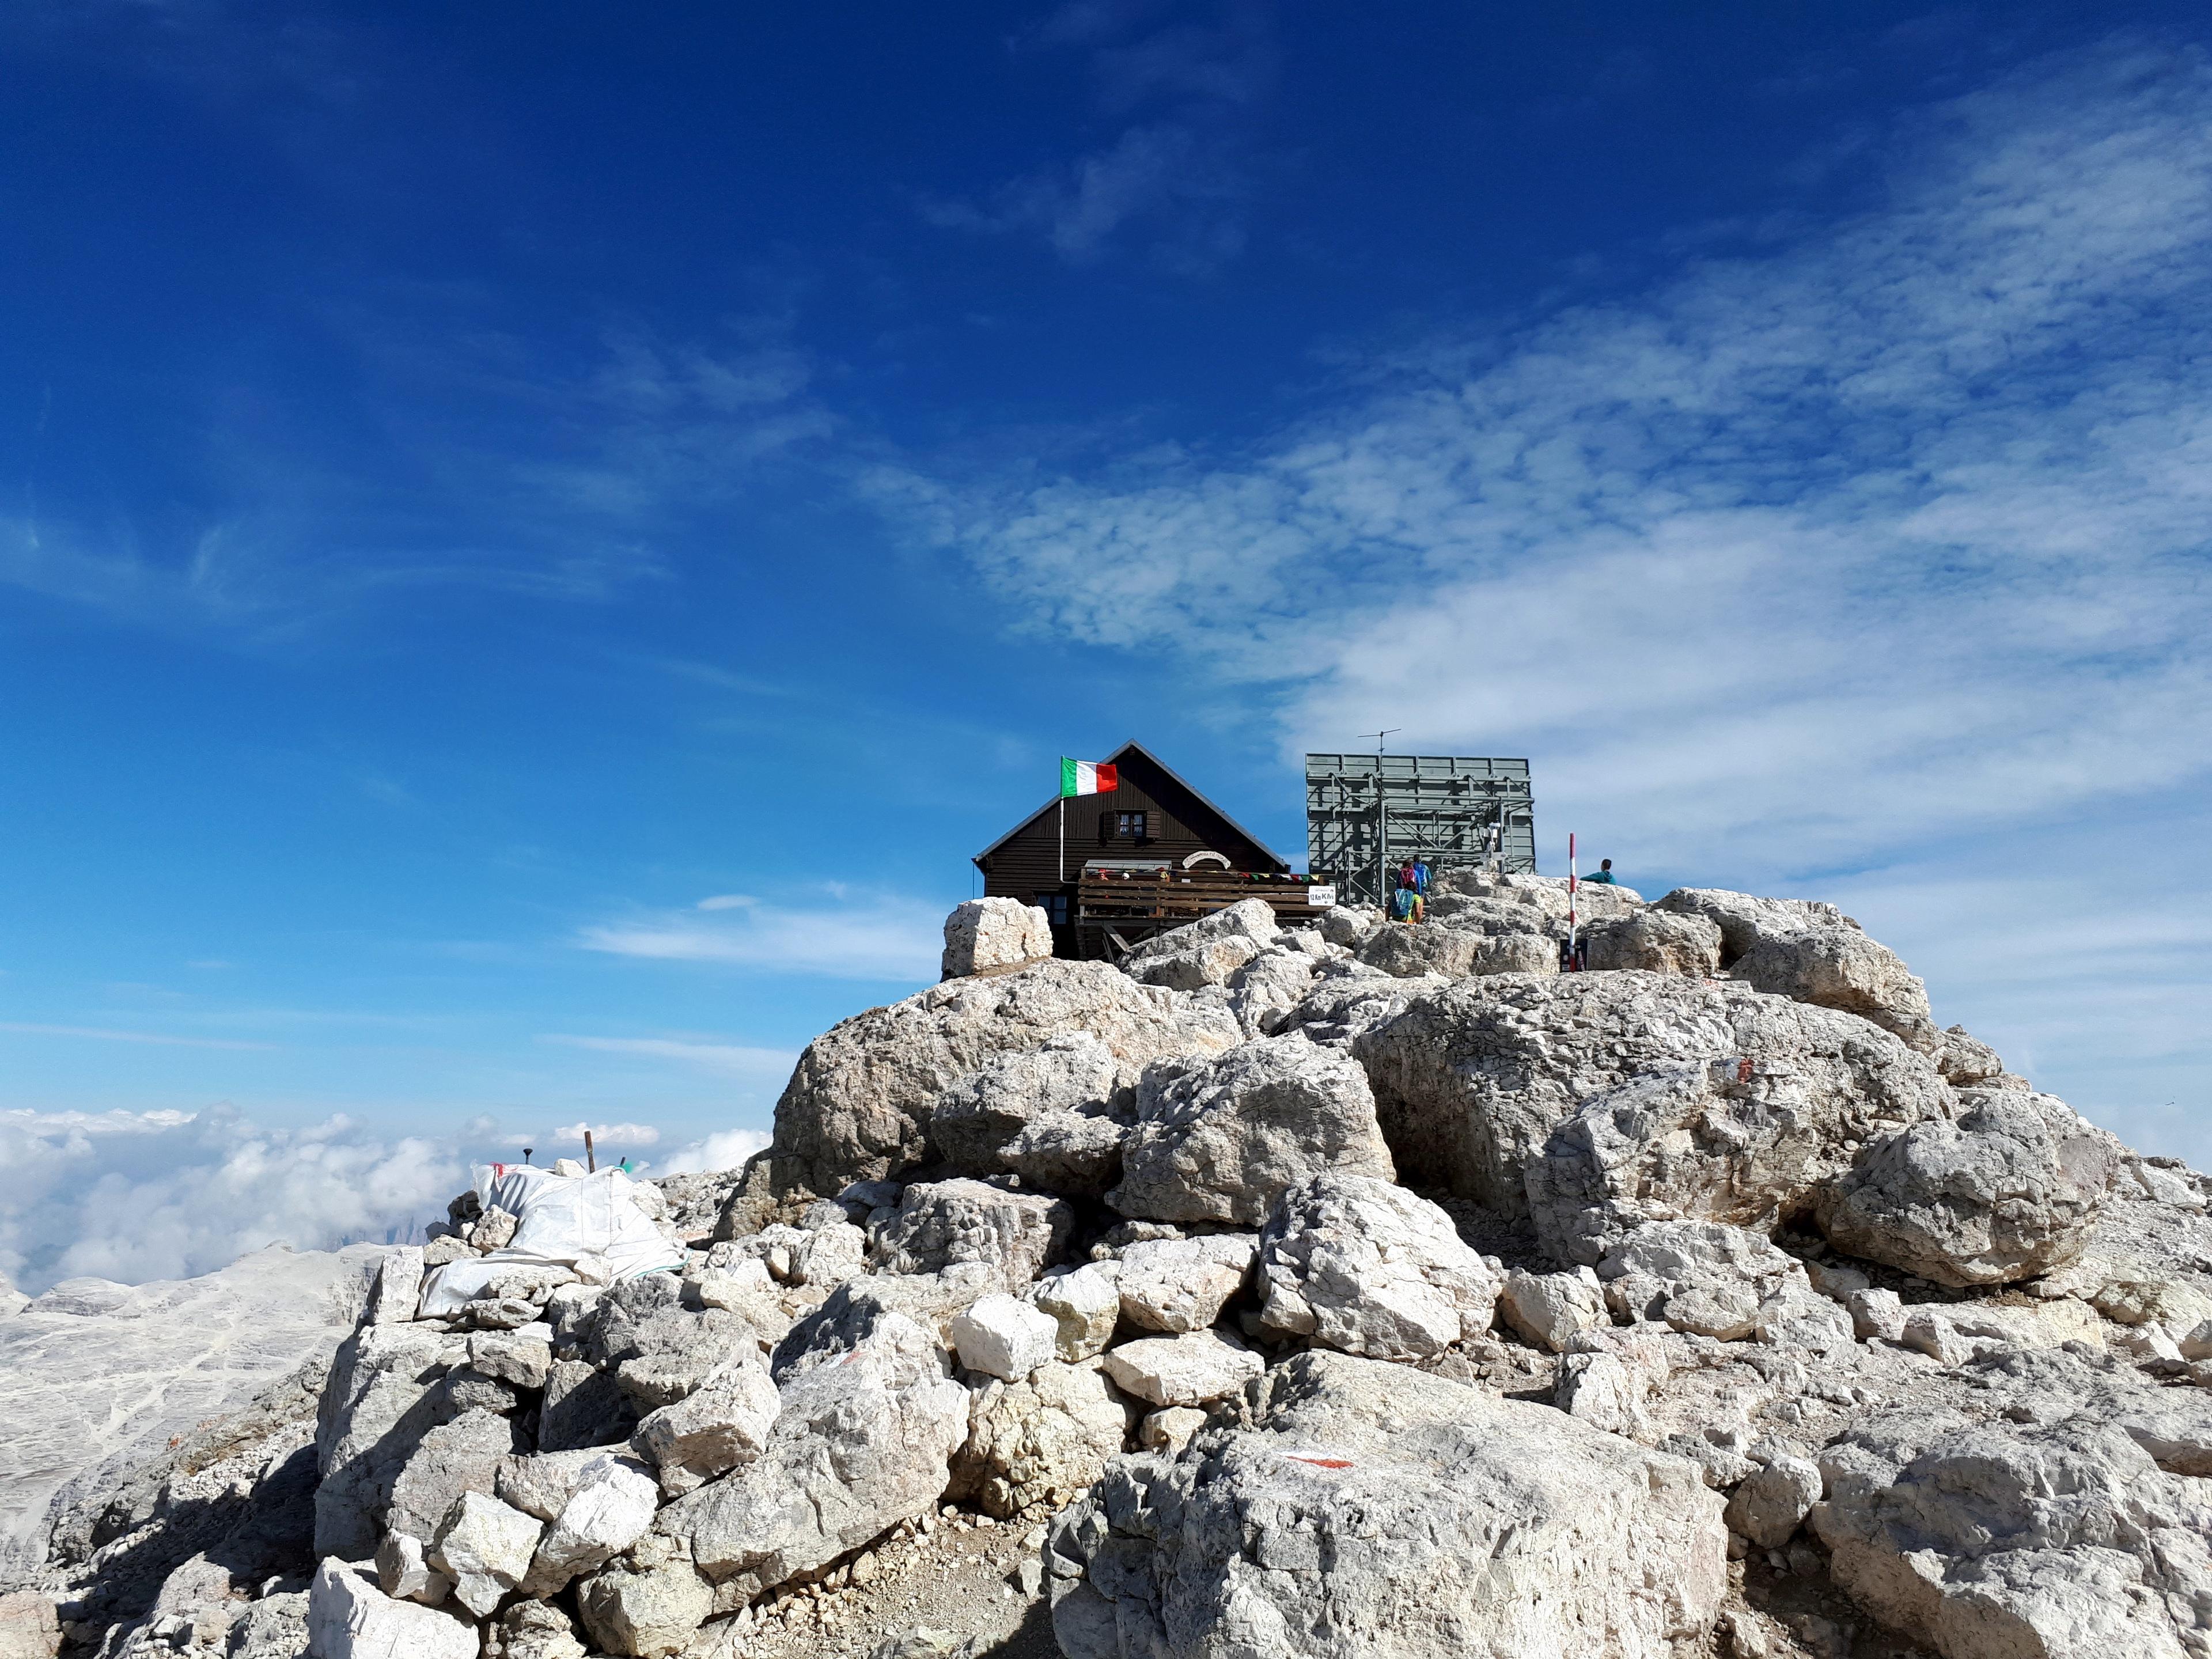 il Rifugio Capanna Fassa compare sulla cima del Piz Boè